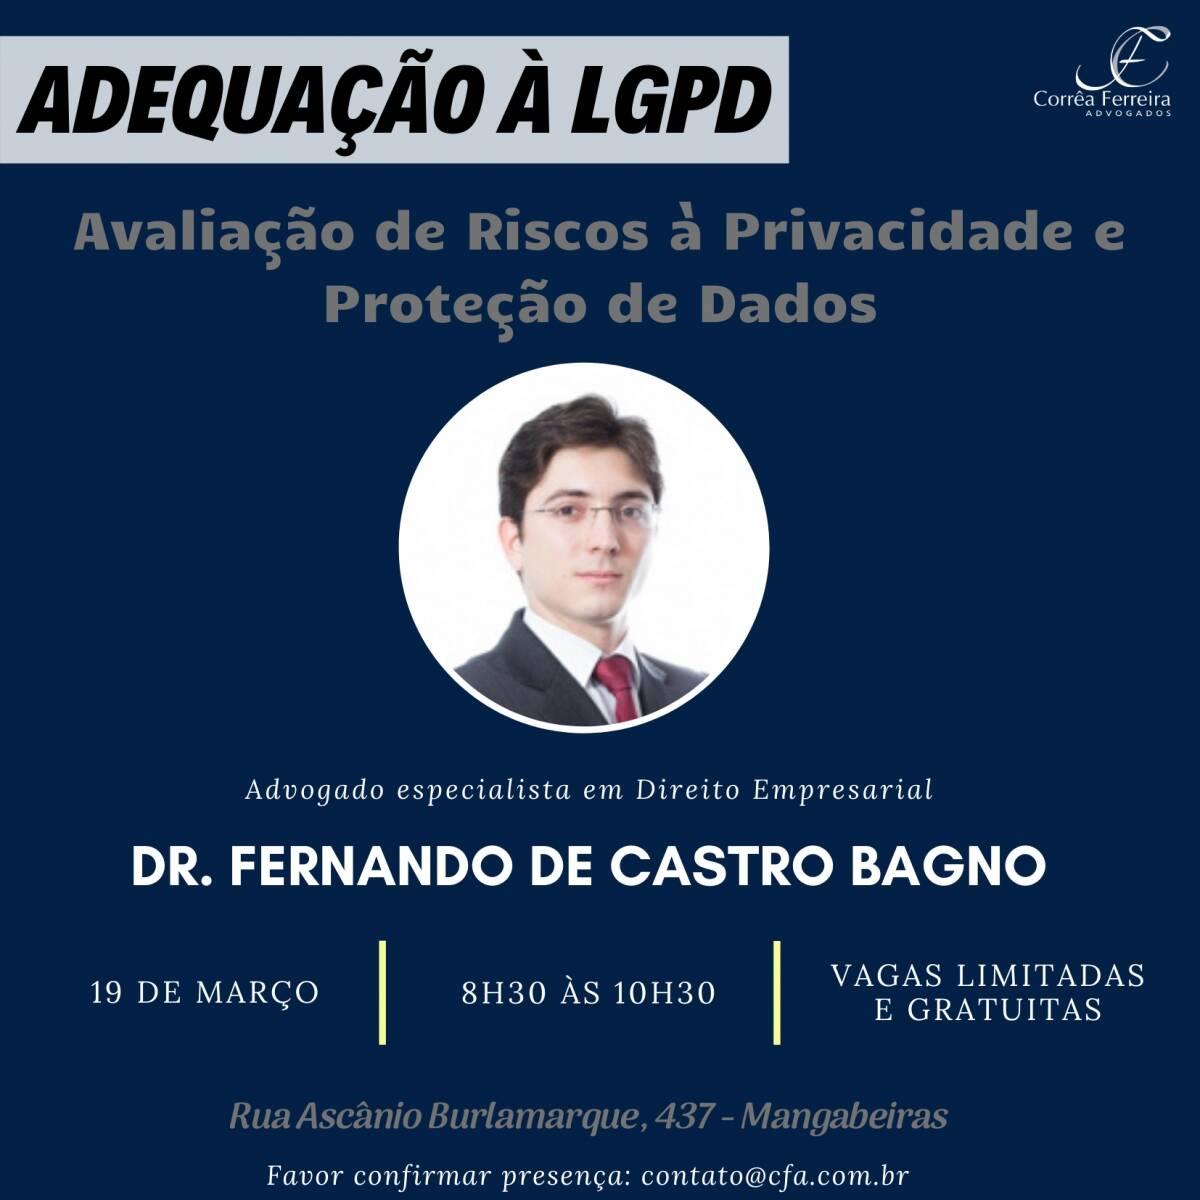 Evento - Adequação à LGPD